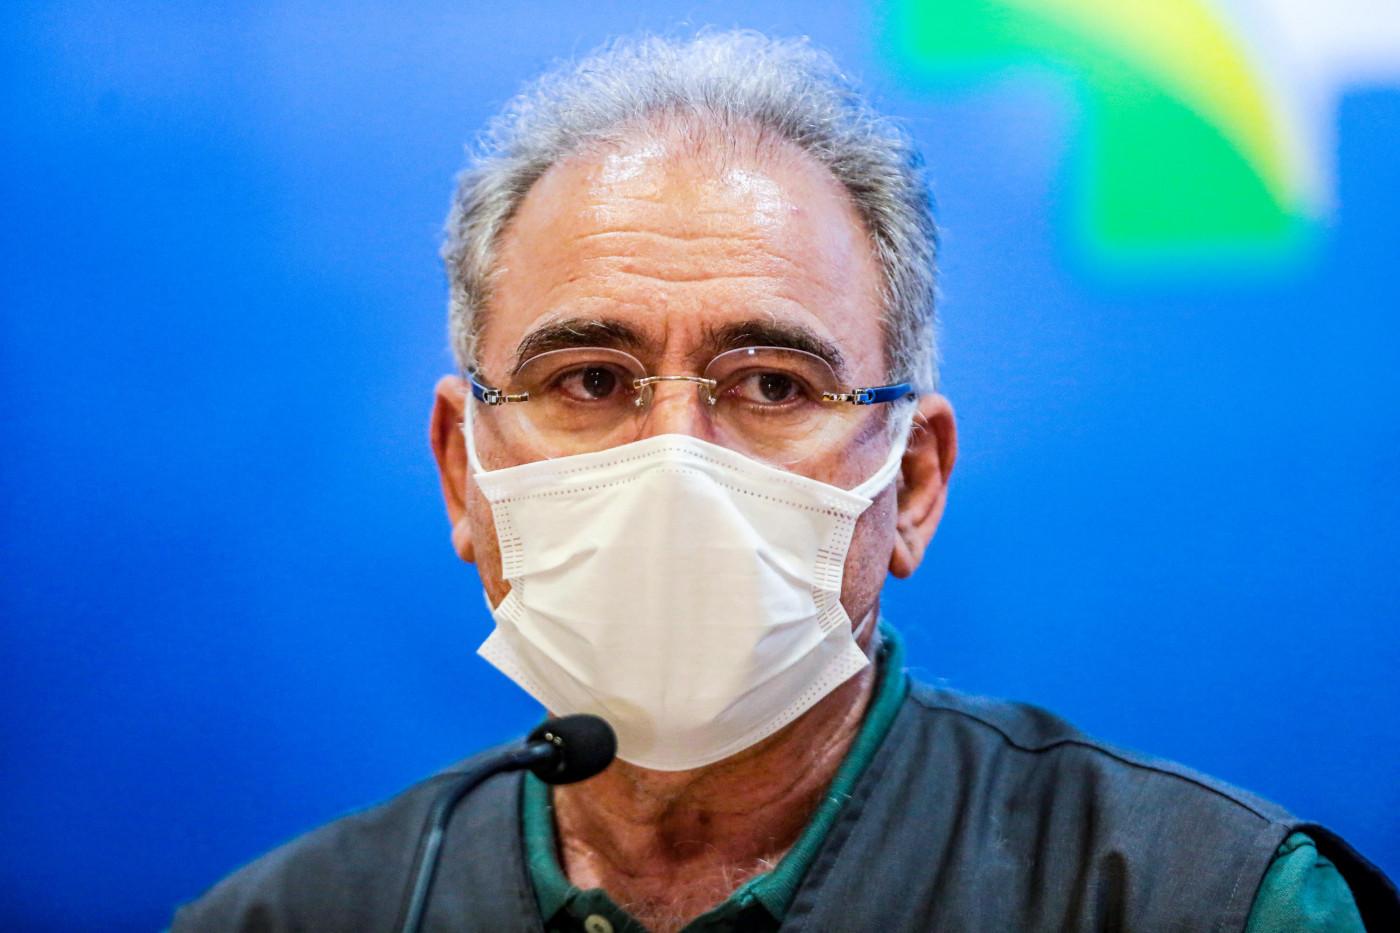 Usando máscara de proteção branca, o ministro da Saúde, Marcelo Queiroga, fala em coletiva de imprensa